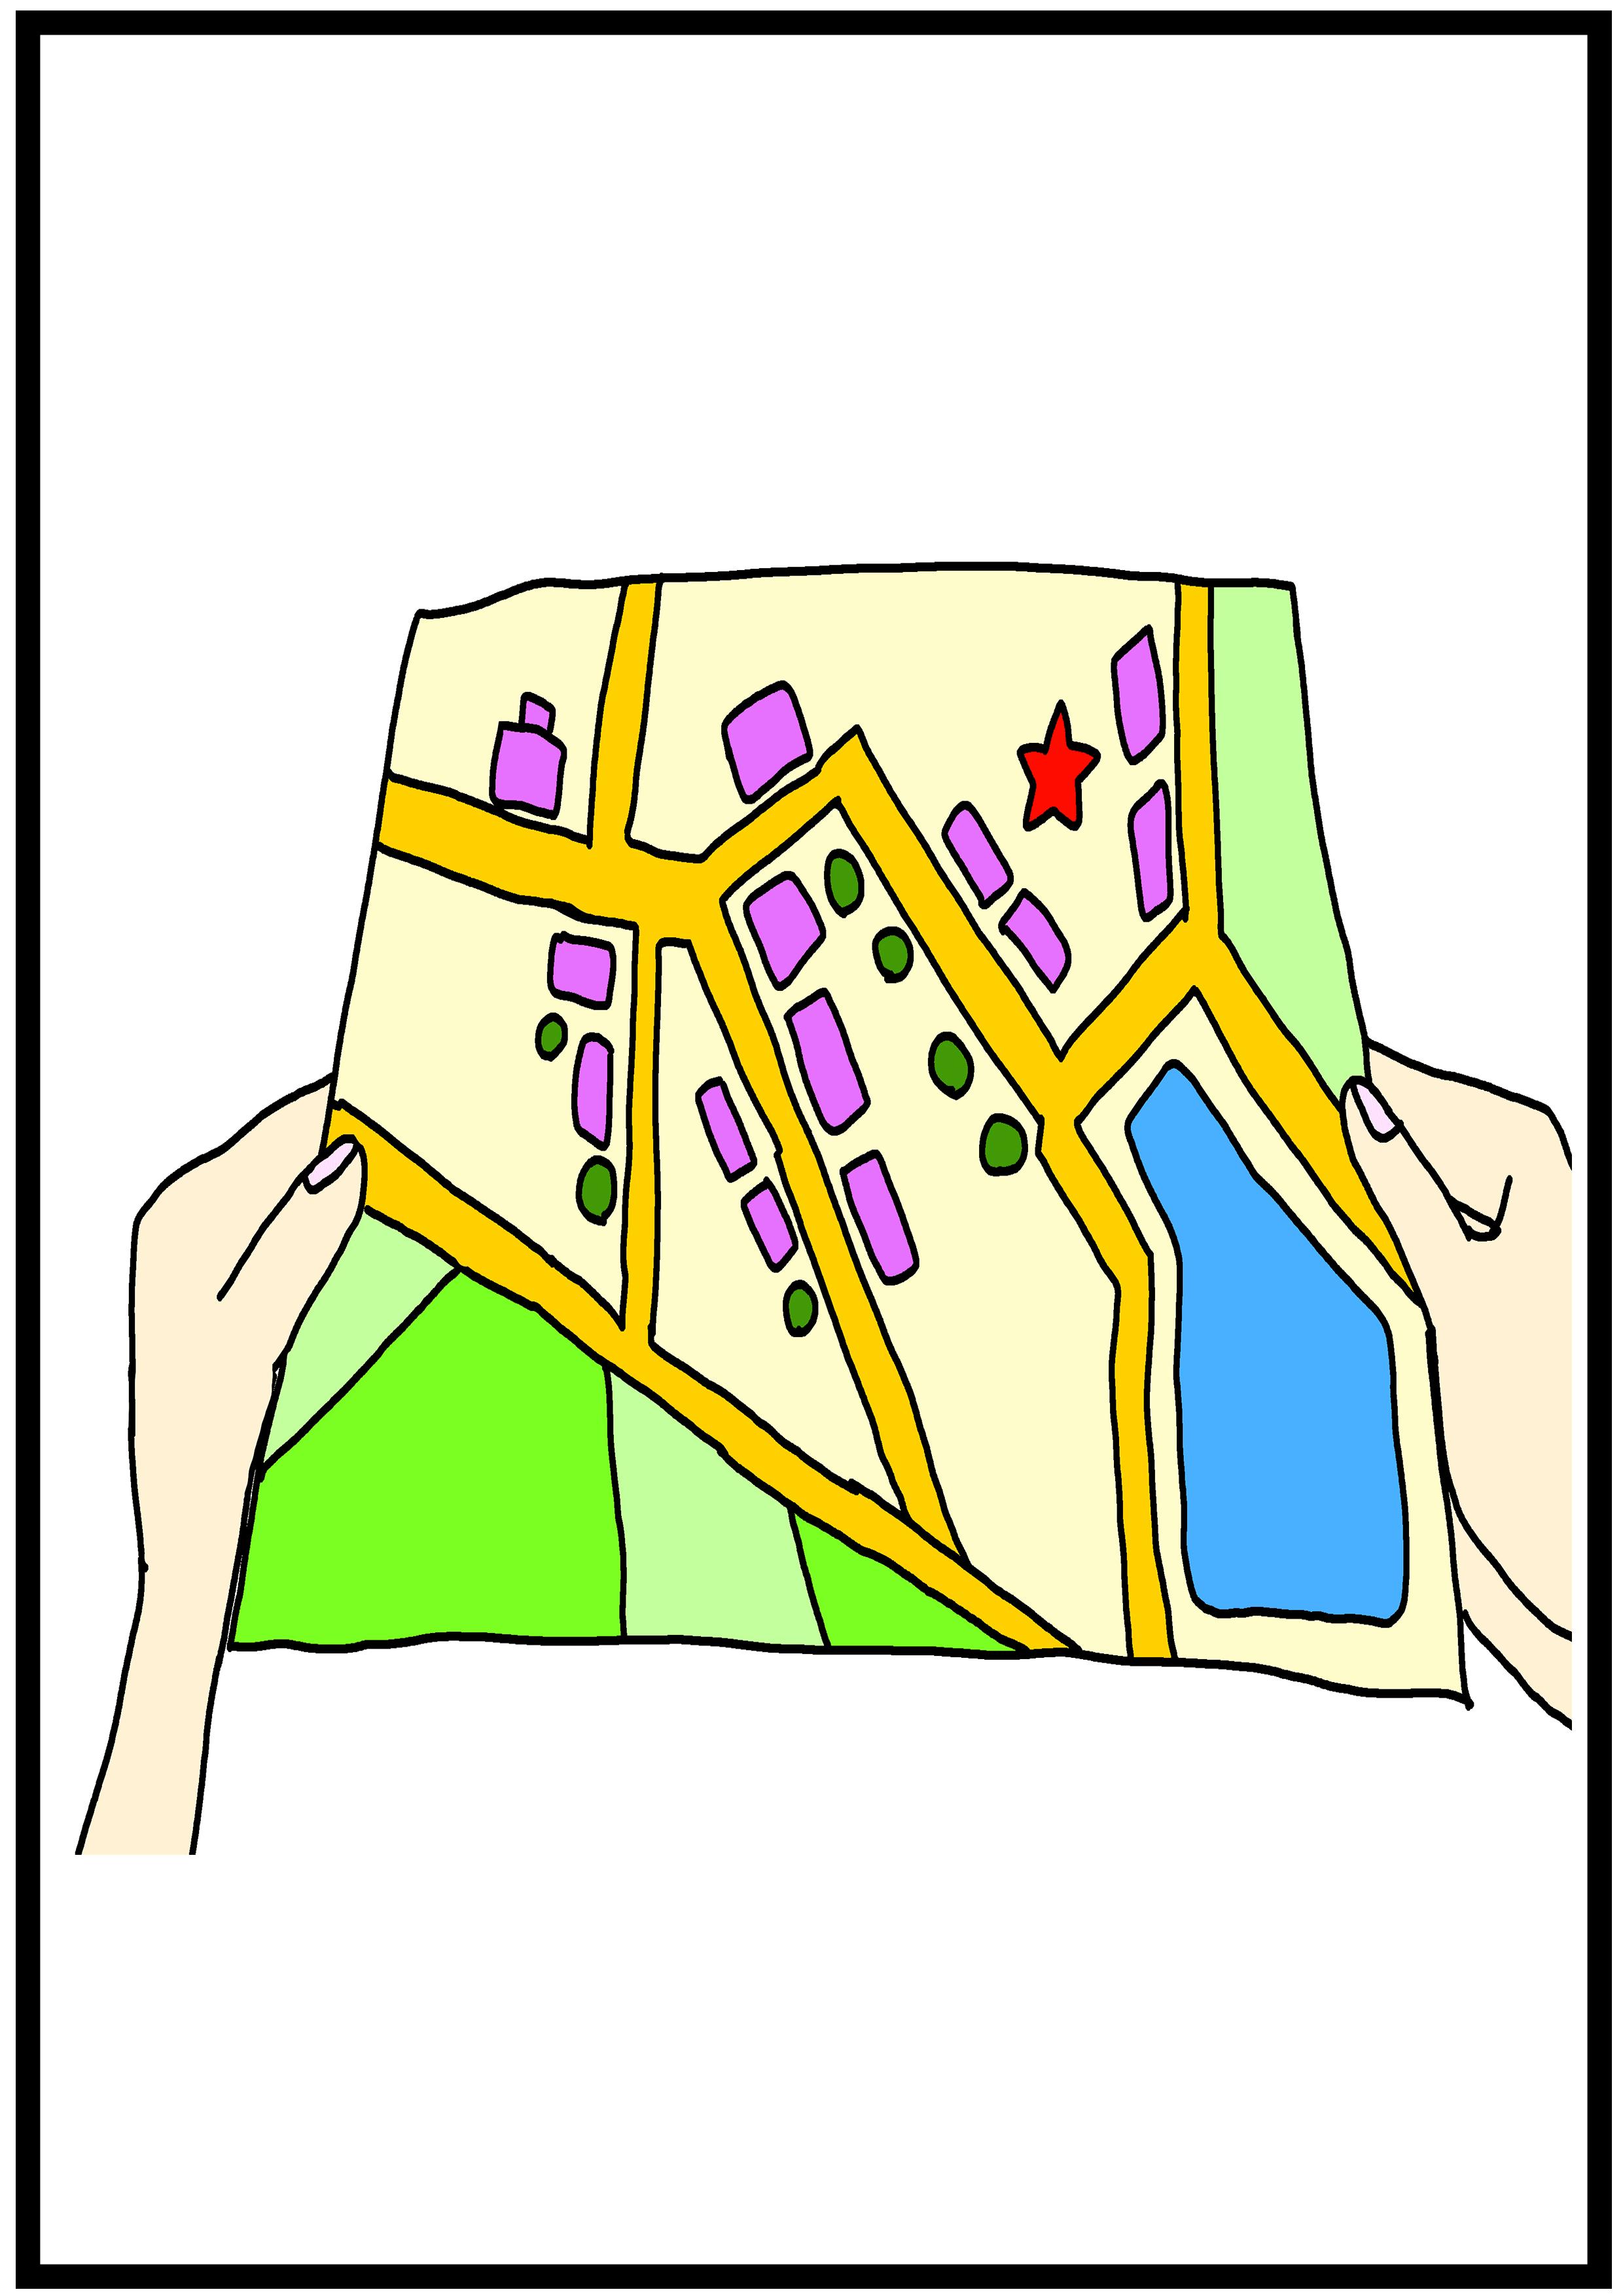 イラスト【地図】